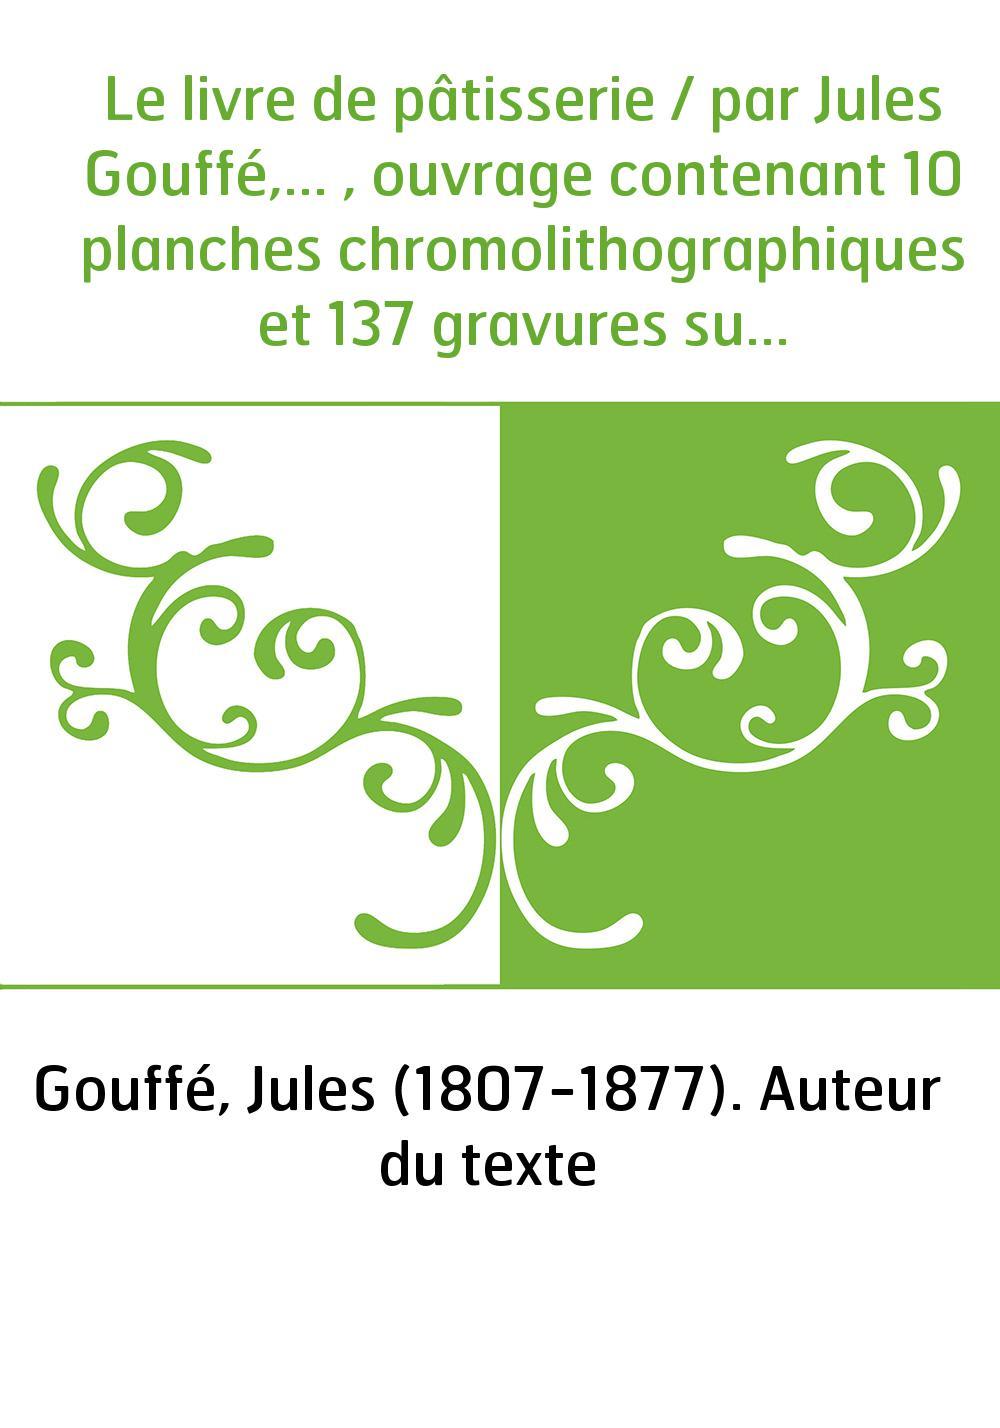 Le livre de pâtisserie / par Jules Gouffé,... , ouvrage contenant 10 planches chromolithographiques et 137 gravures sur bois d'a